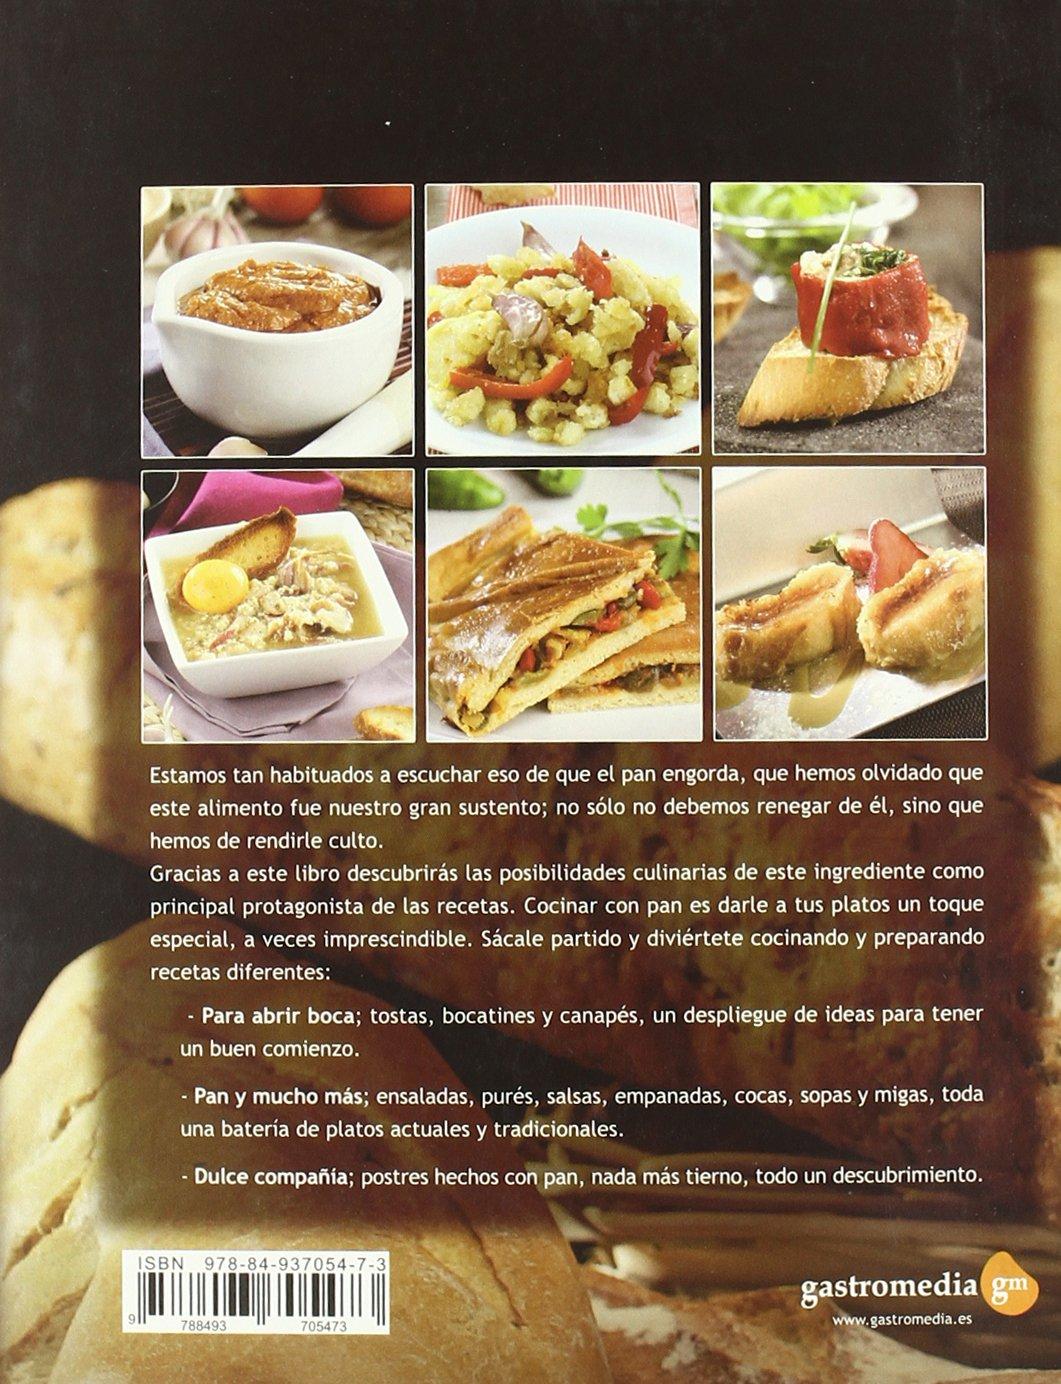 Cocinar con pan - 35 recetas faciles para amantes del pan: Amazon.es: Aa.Vv.: Libros